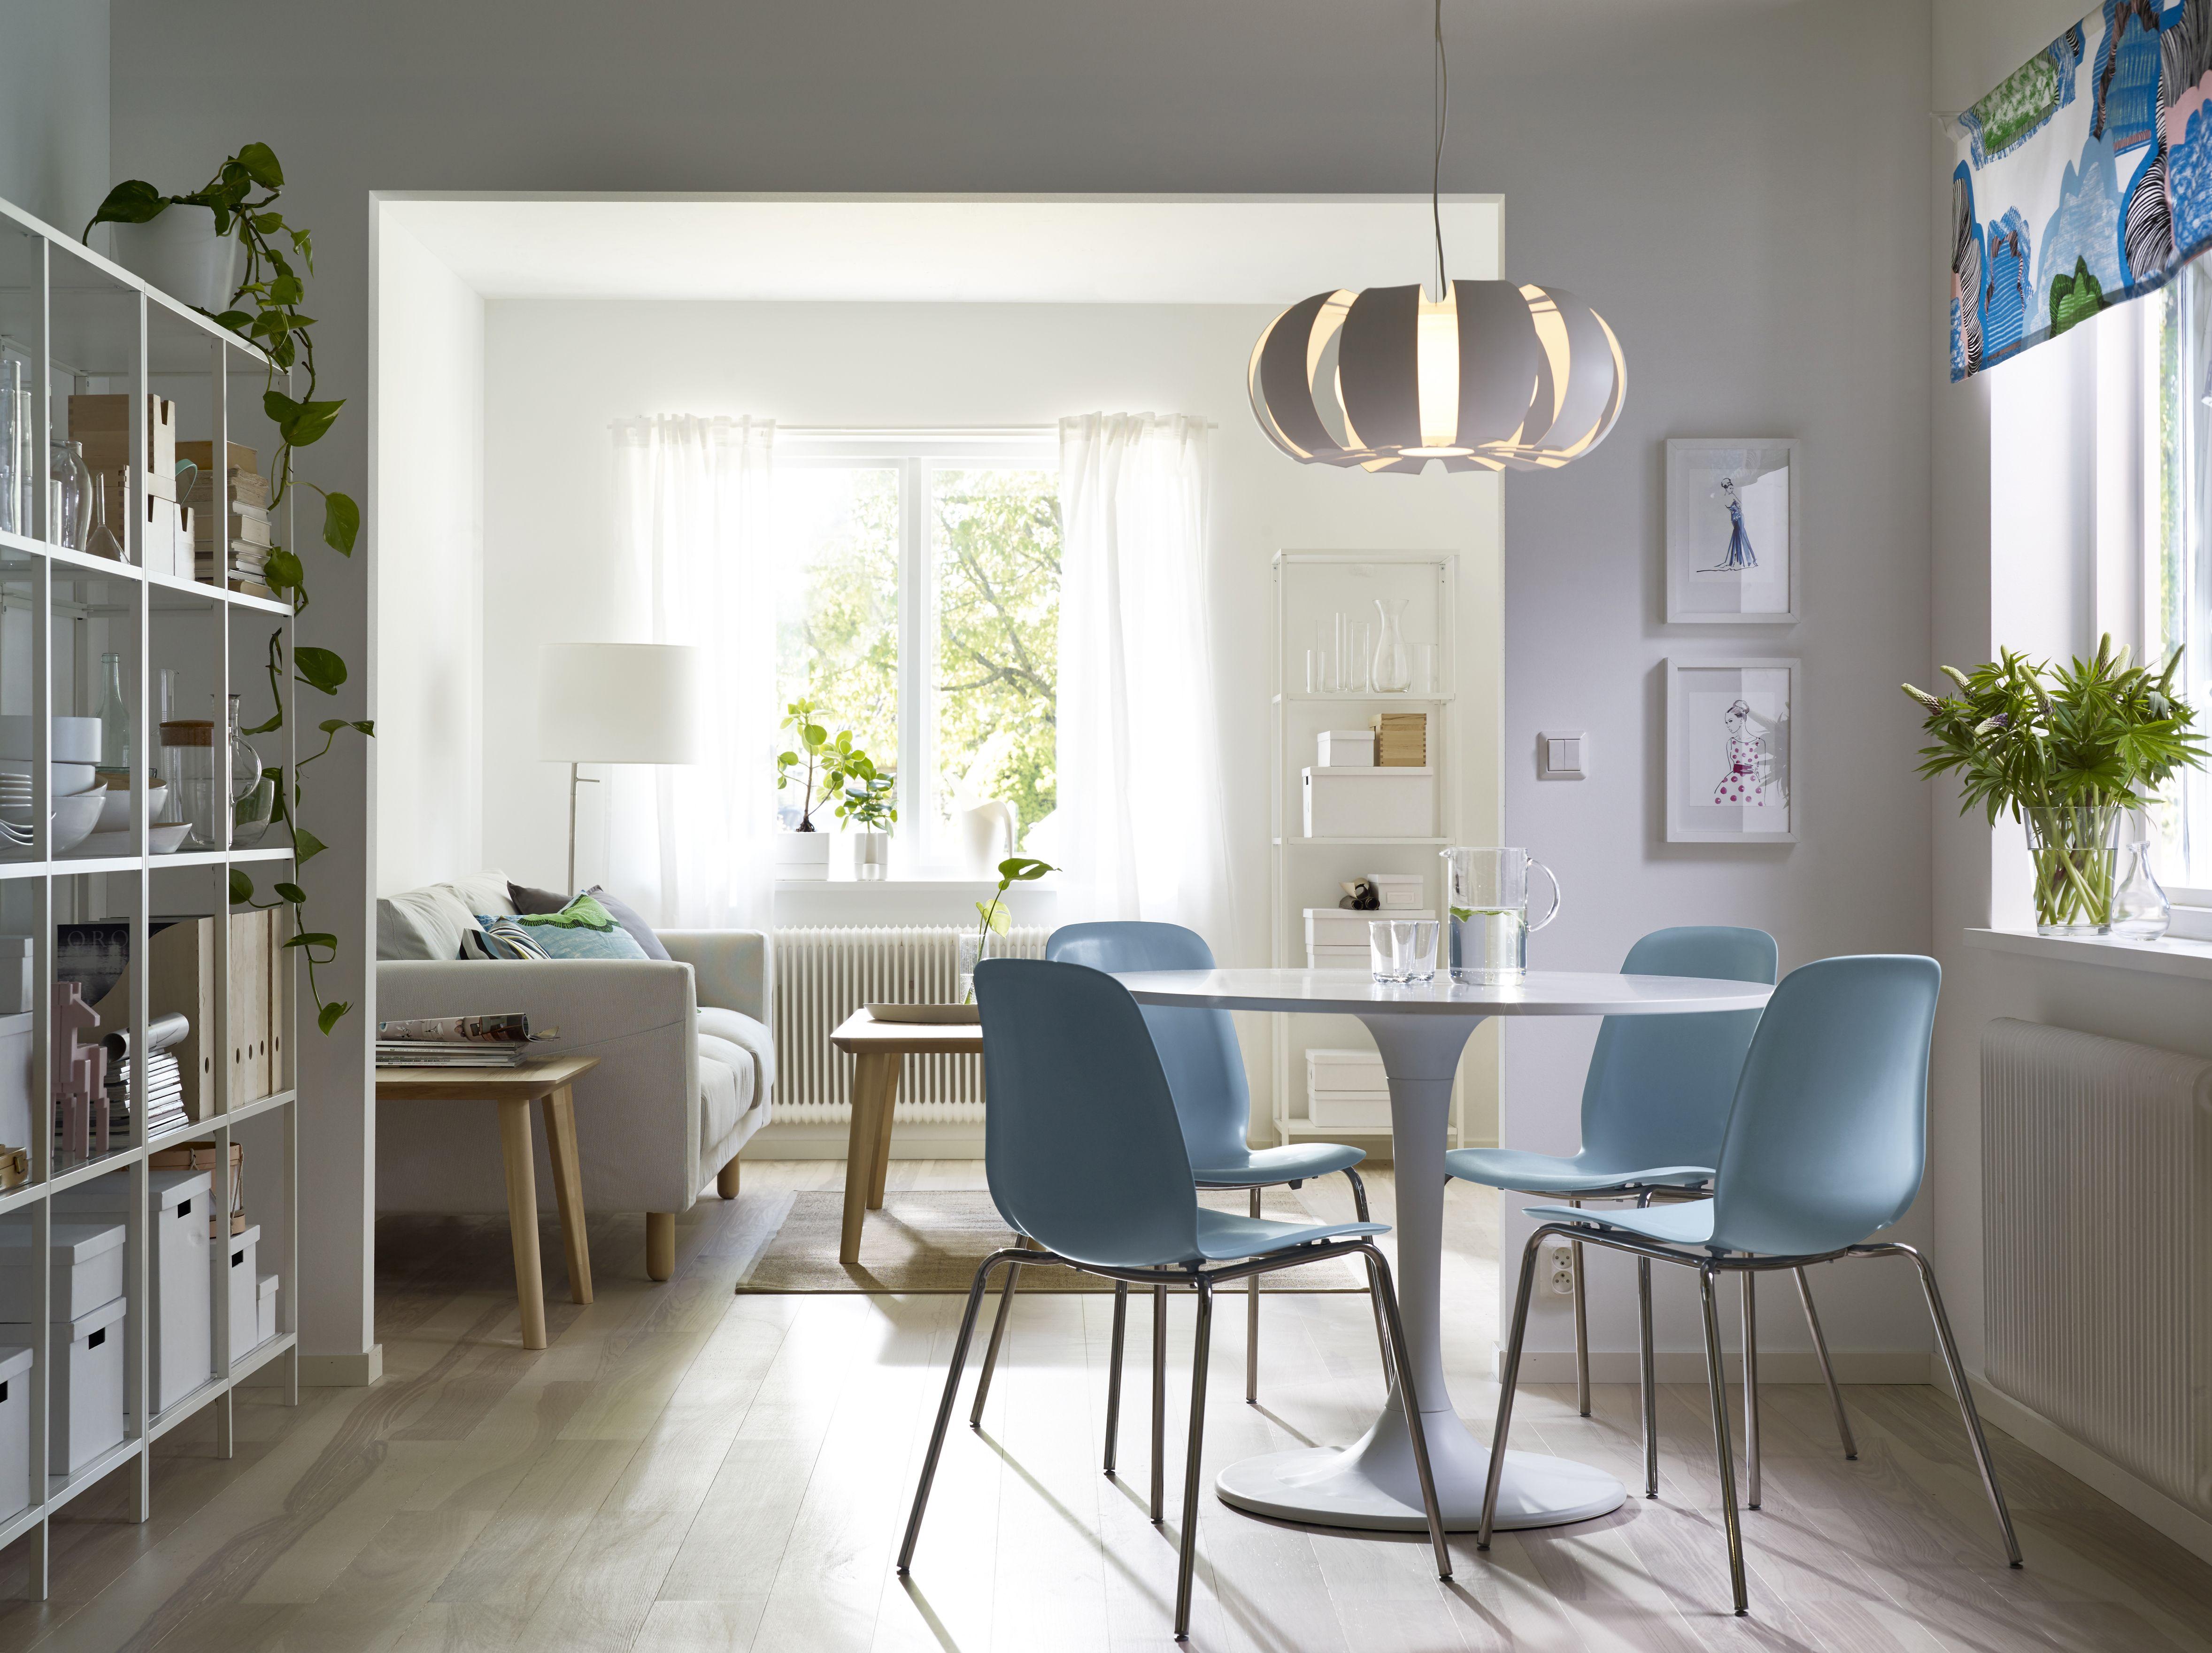 Salon scandinave avec coin repas | Deco | Pinterest | Interiores